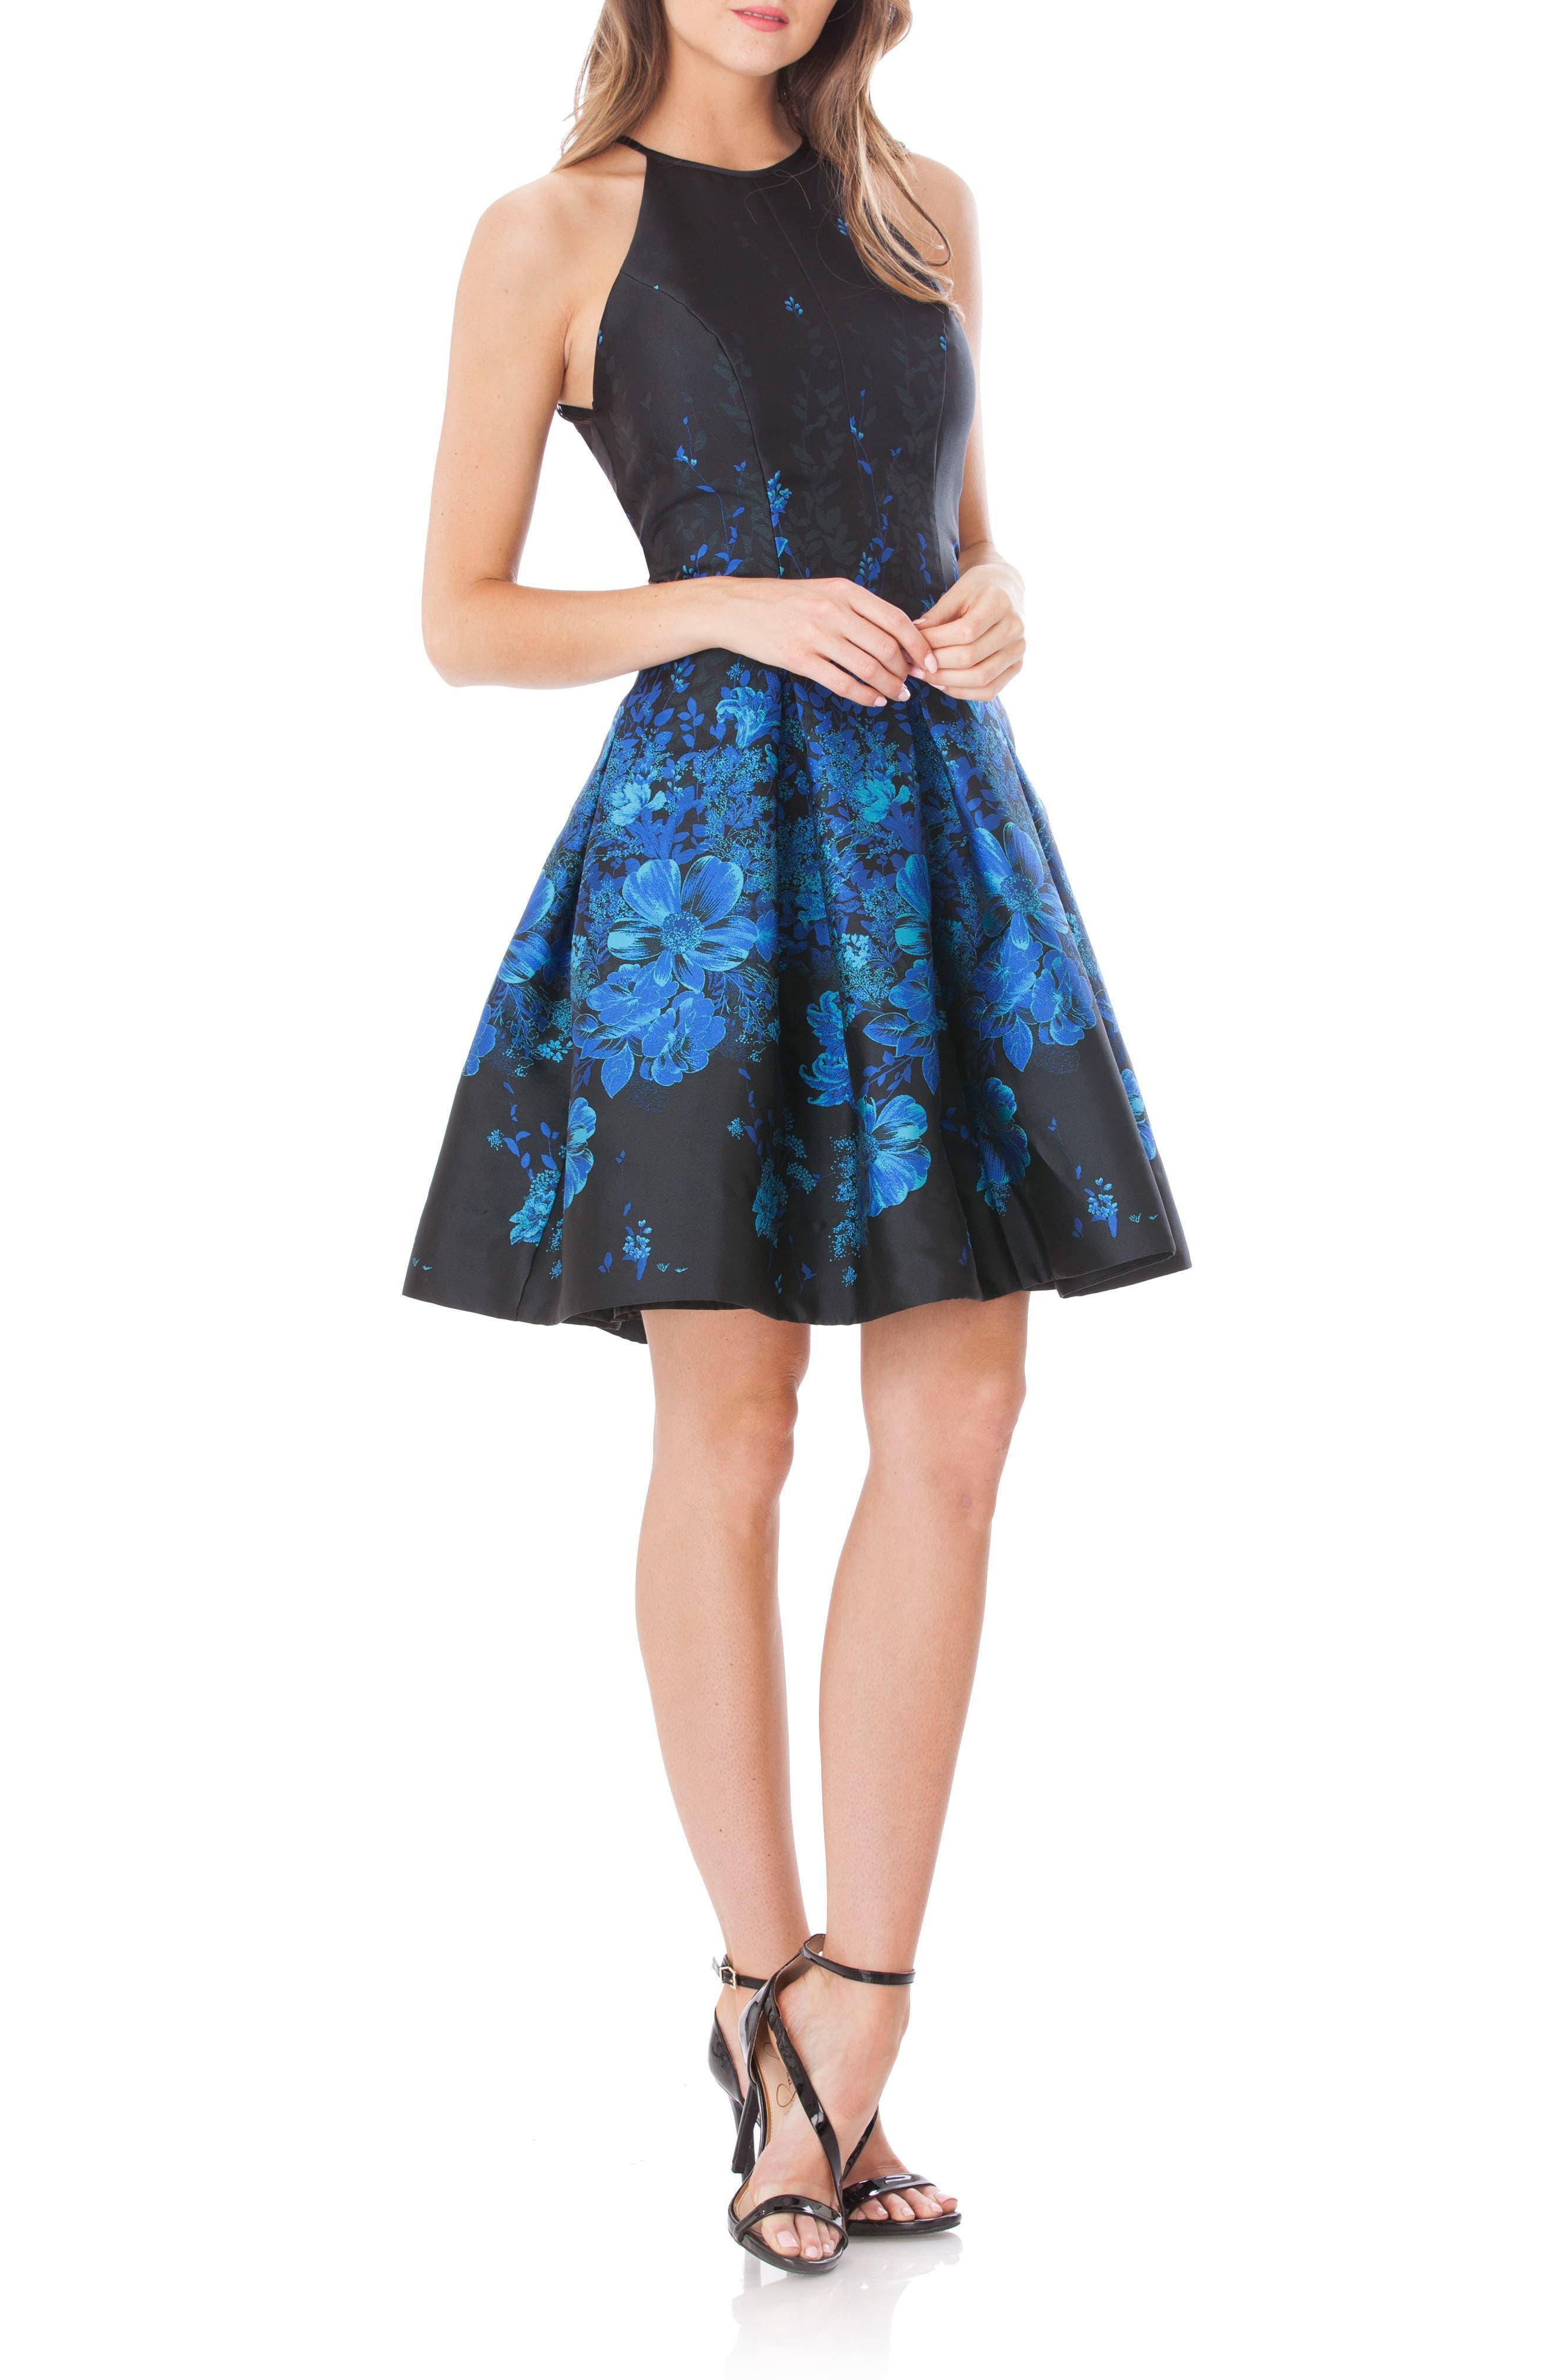 Mesh Back Halter Fit & Flare Dress,                         Main,                         color, Black/ Blue